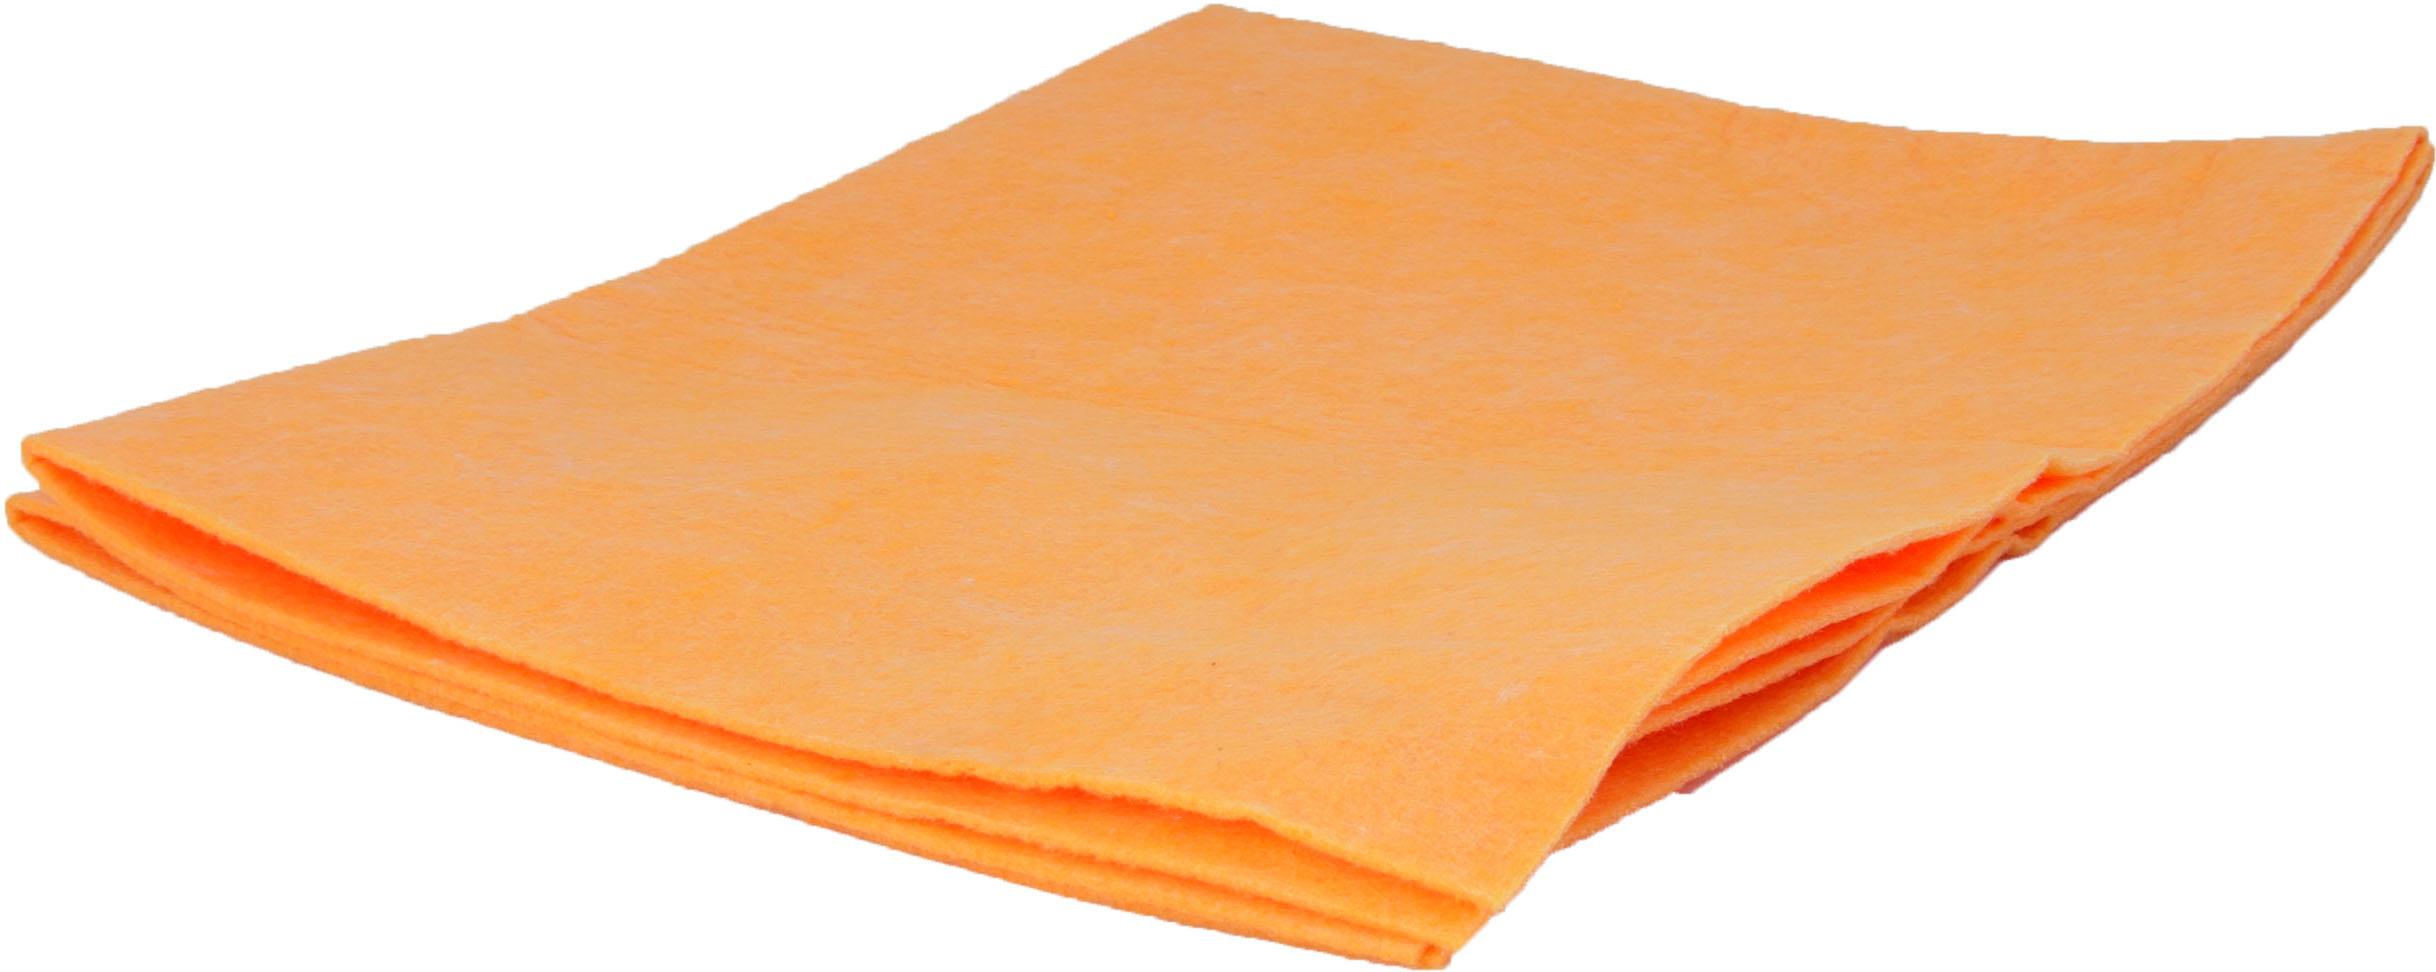 PETR hadr na podlahu 60x70cm - oranžový H